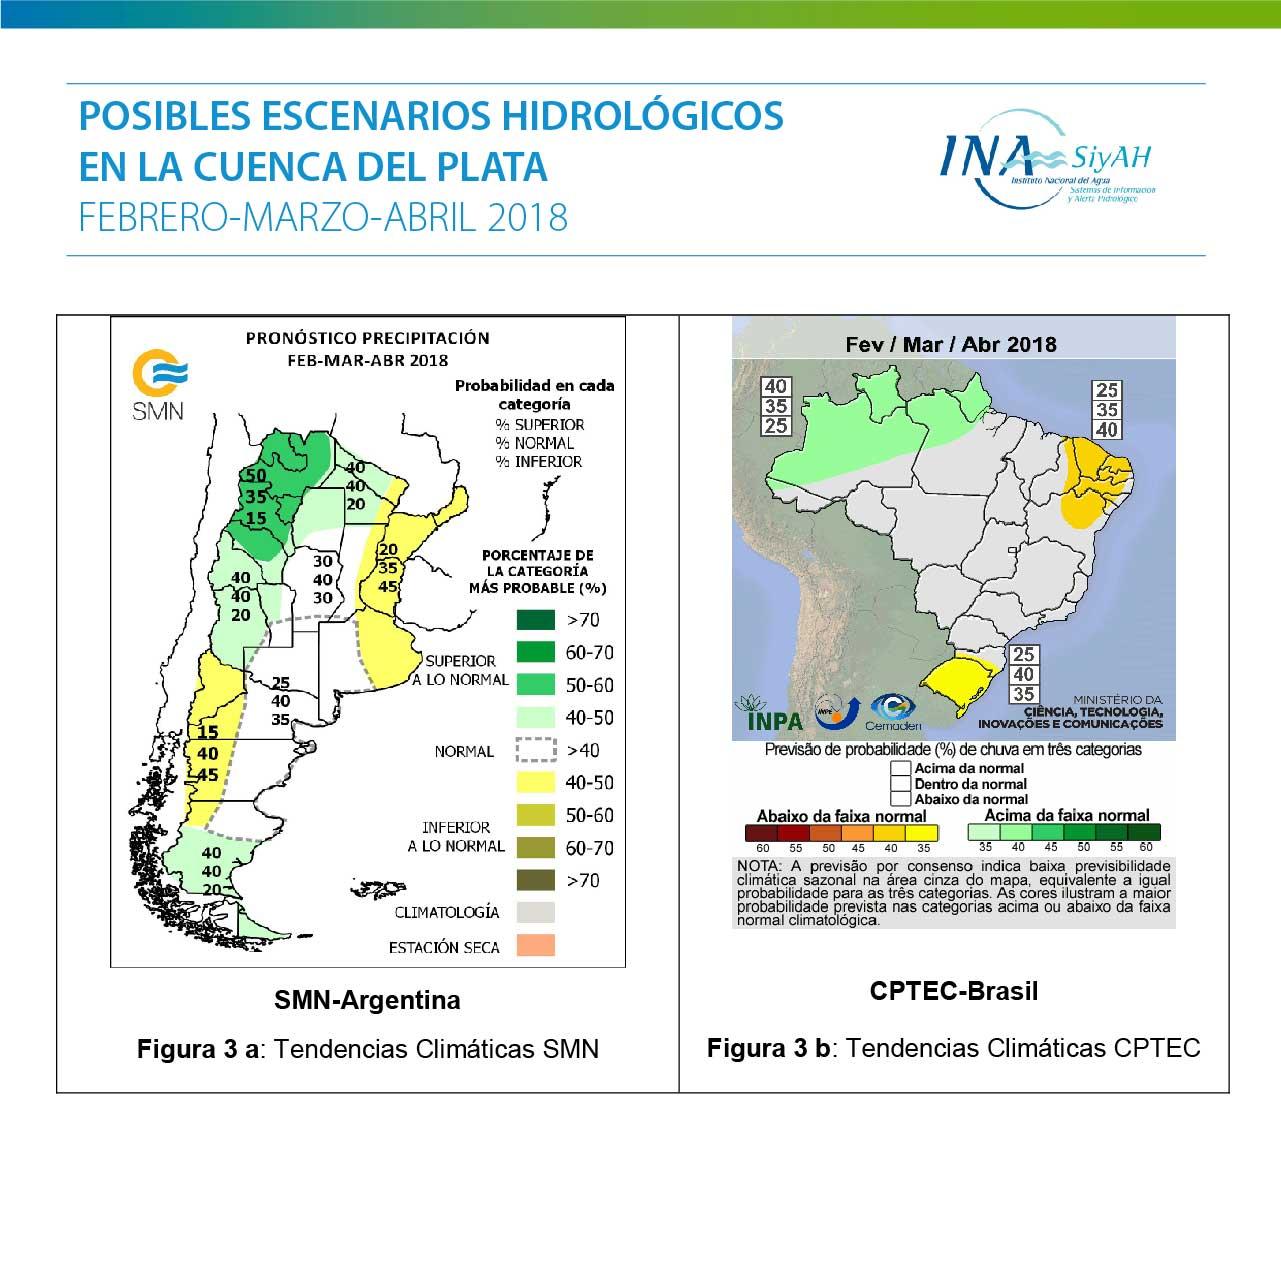 Escenarios hidrológicos para los próximos tres meses